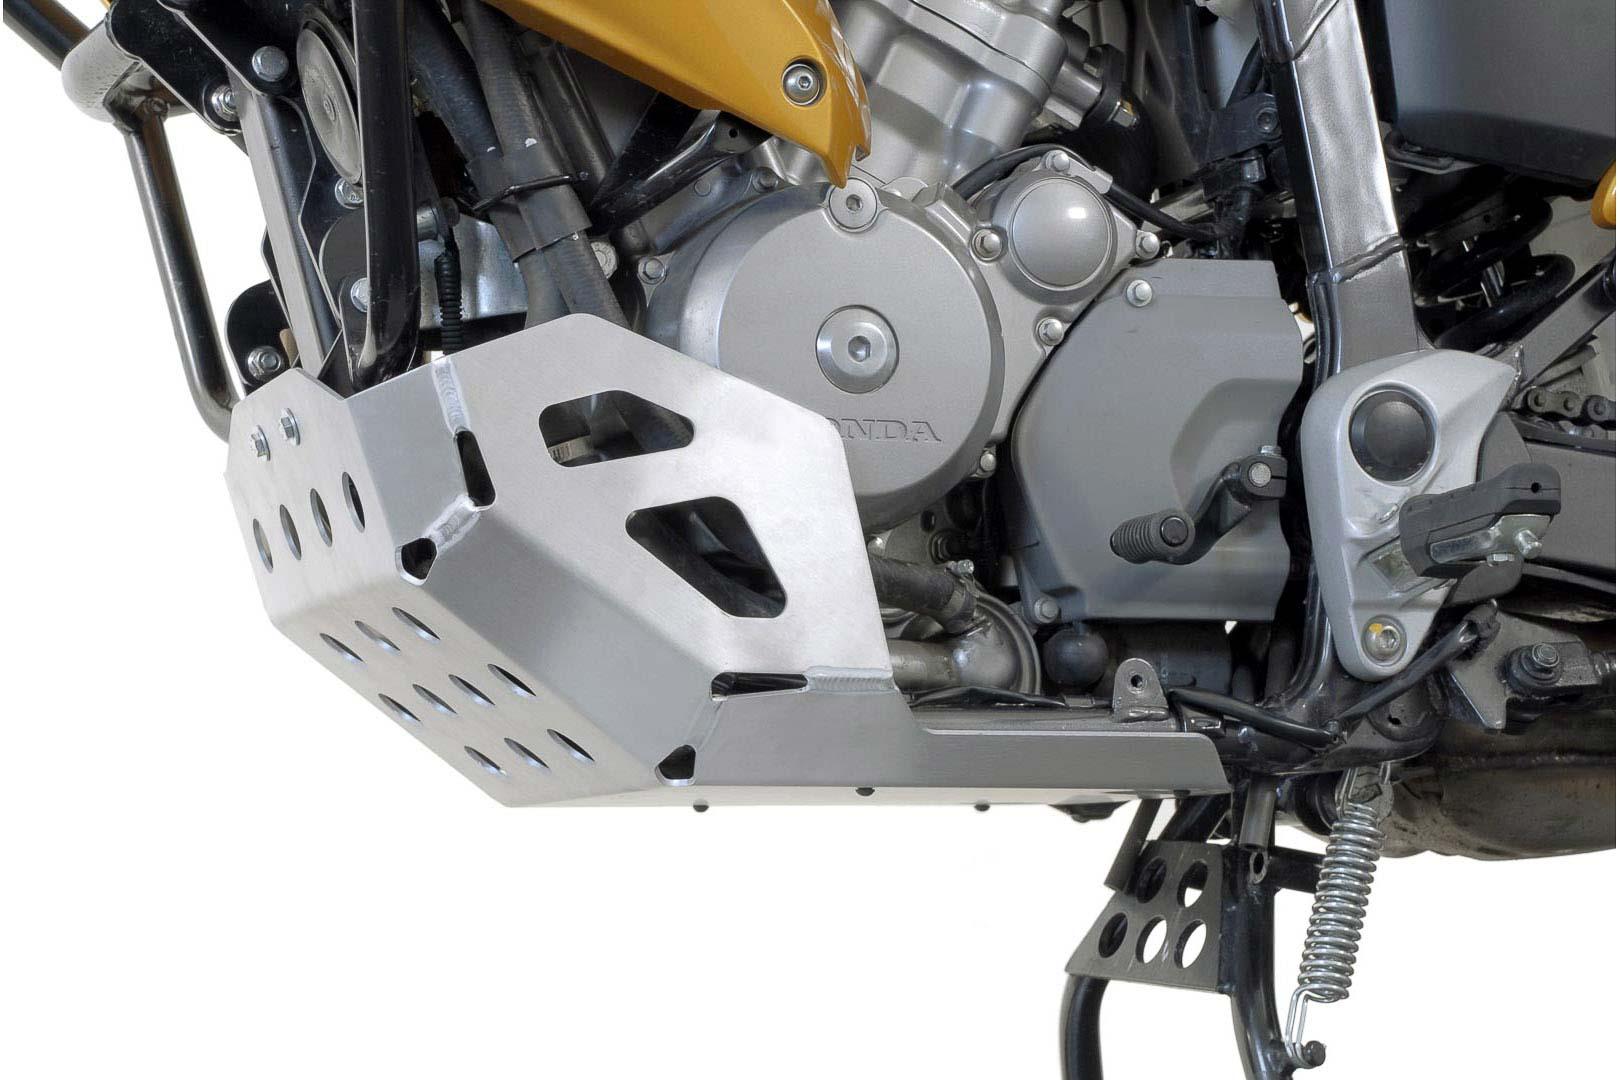 SW-Motech Pohjapanssari Honda XL700V Transalp hopea